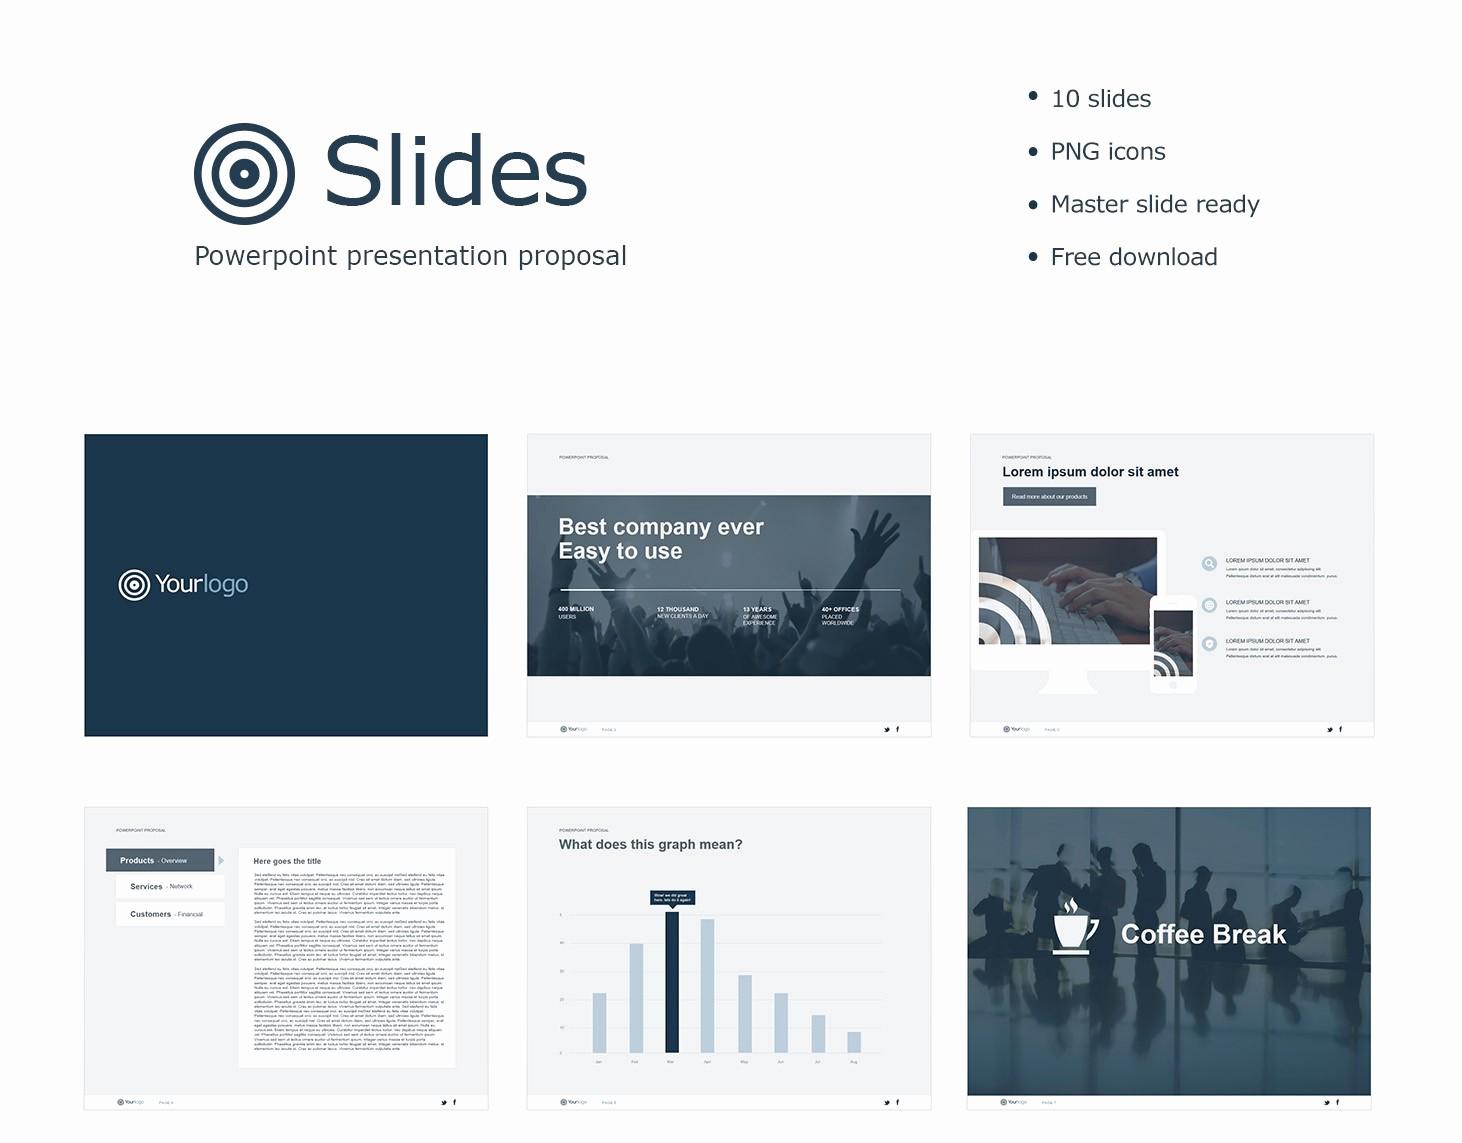 Powerpoint Presentation Slides Free Download Luxury 40 Free Cool Powerpoint Templates for Presentations